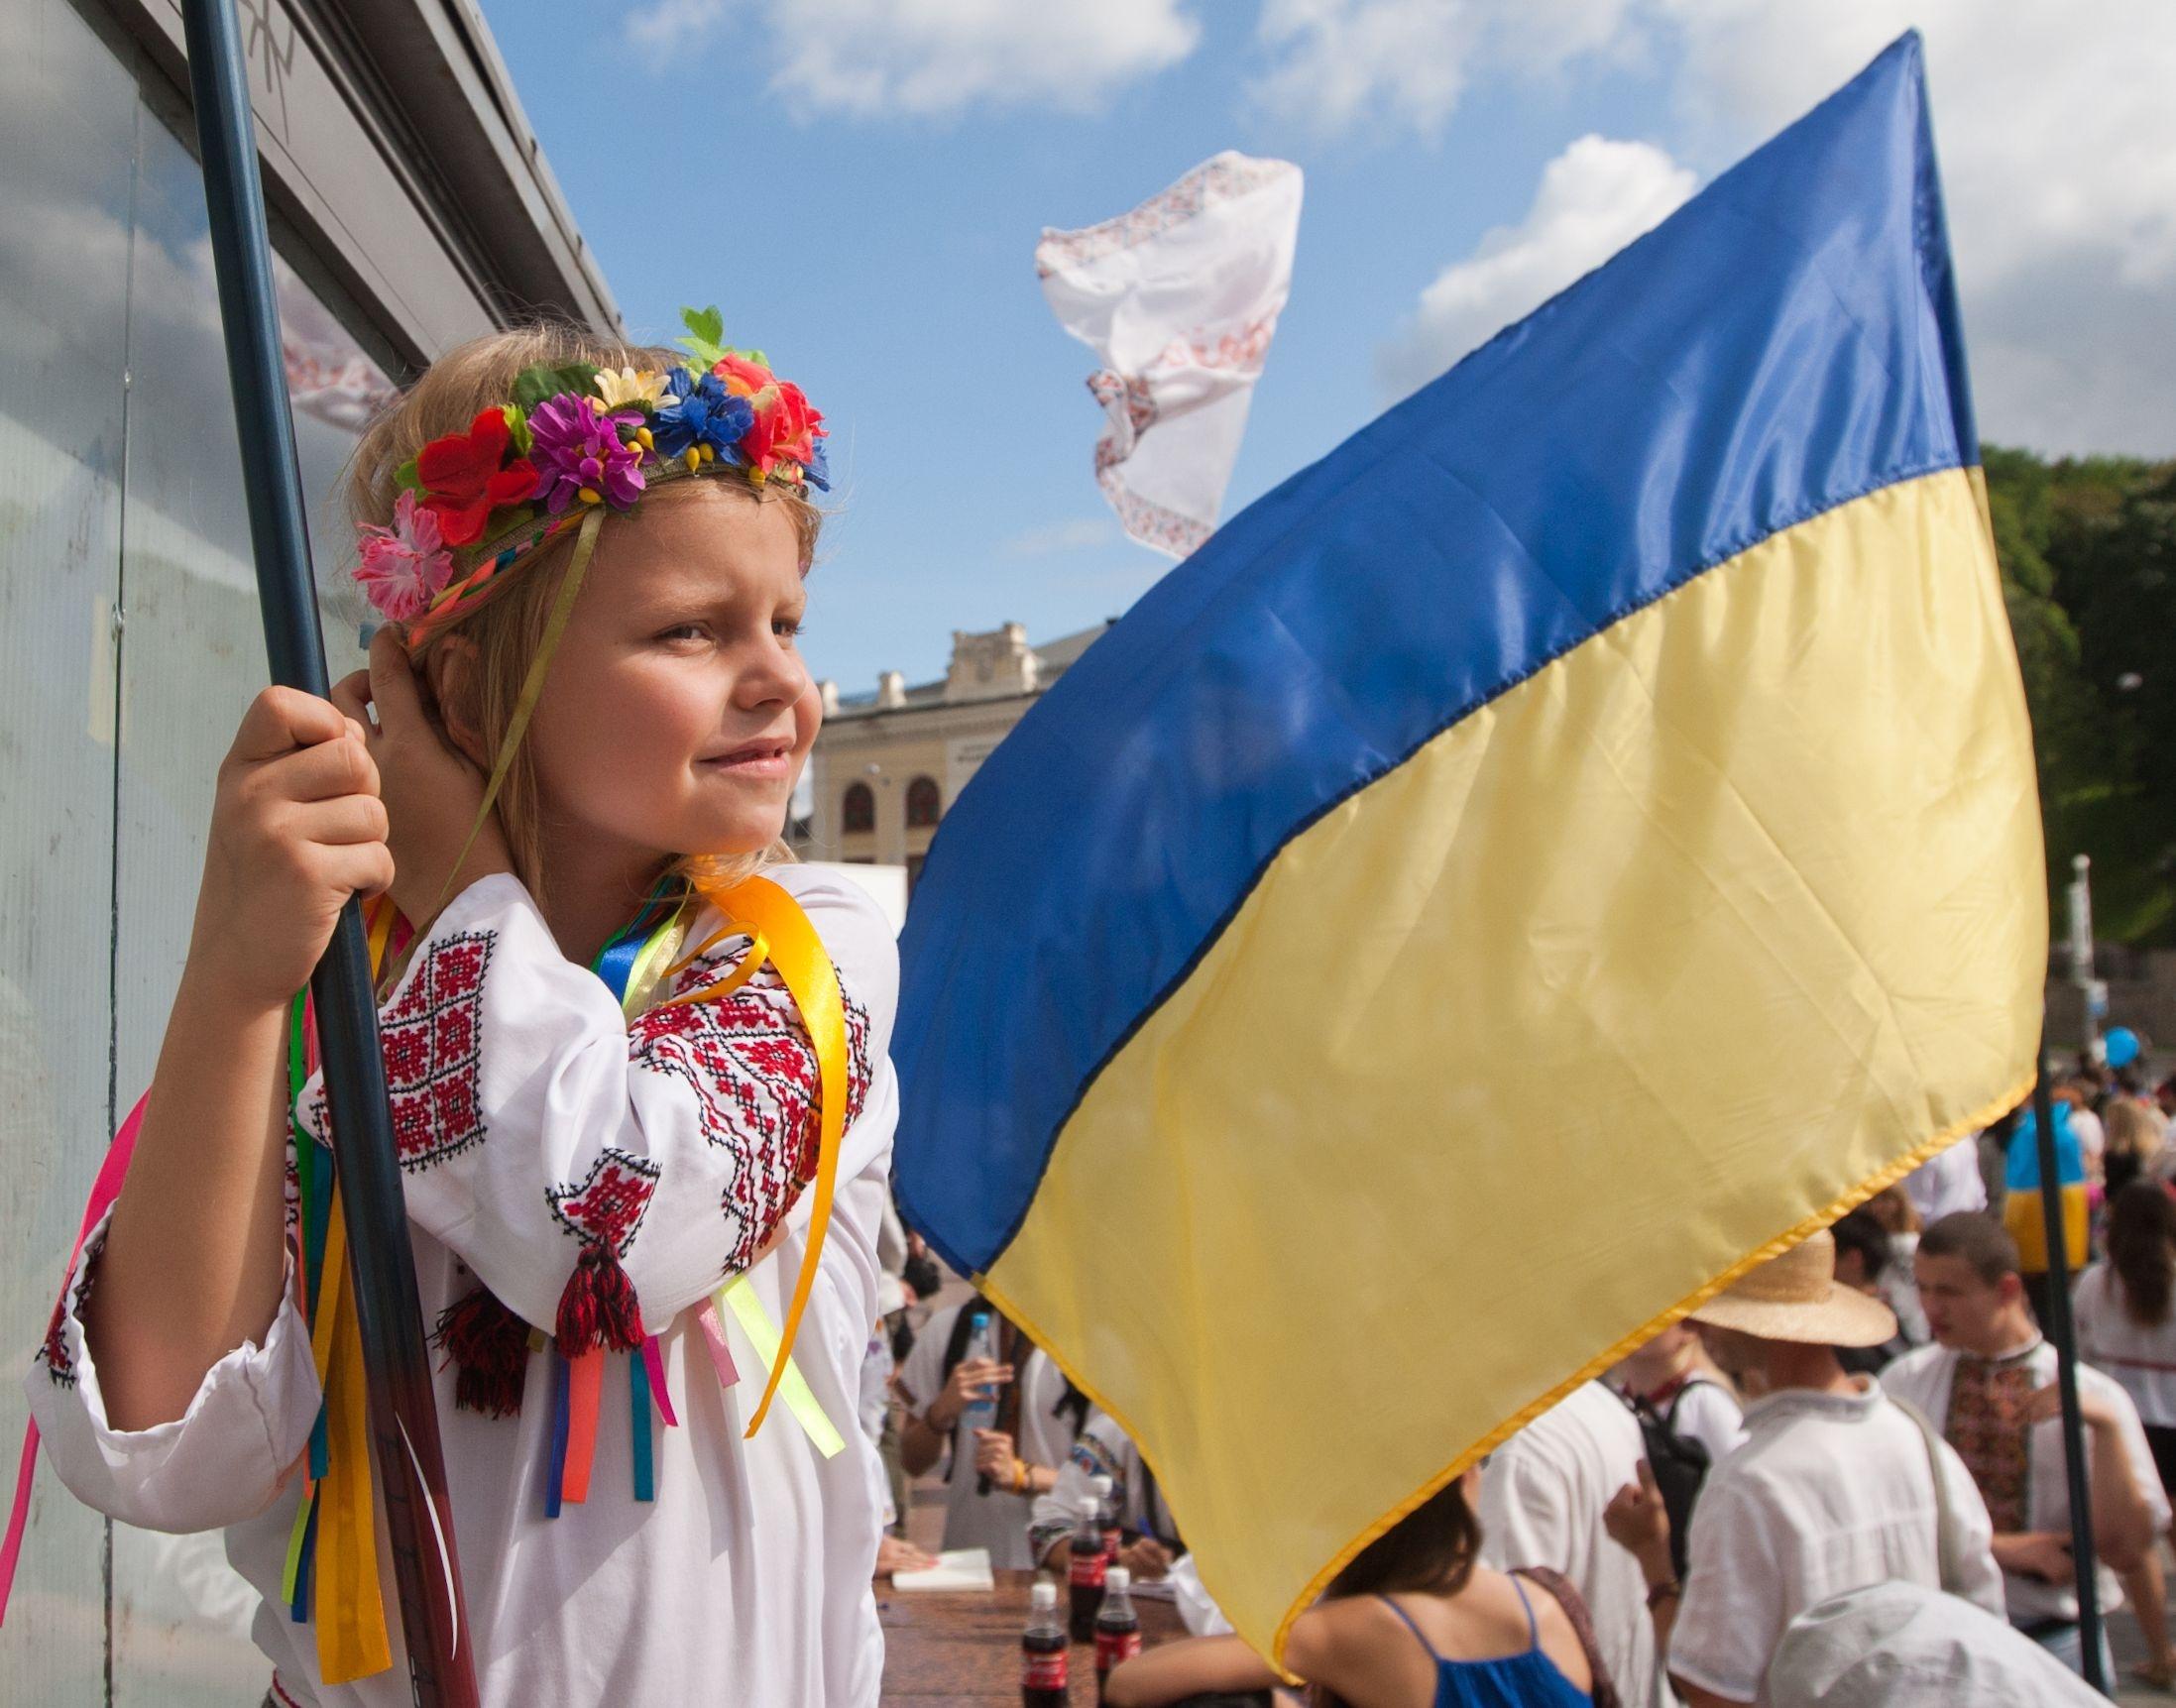 ukraincy-kak-naciya-chastnyy-socionicheskiy-vzglyad-neravnodushnogo-grazhdanina-5